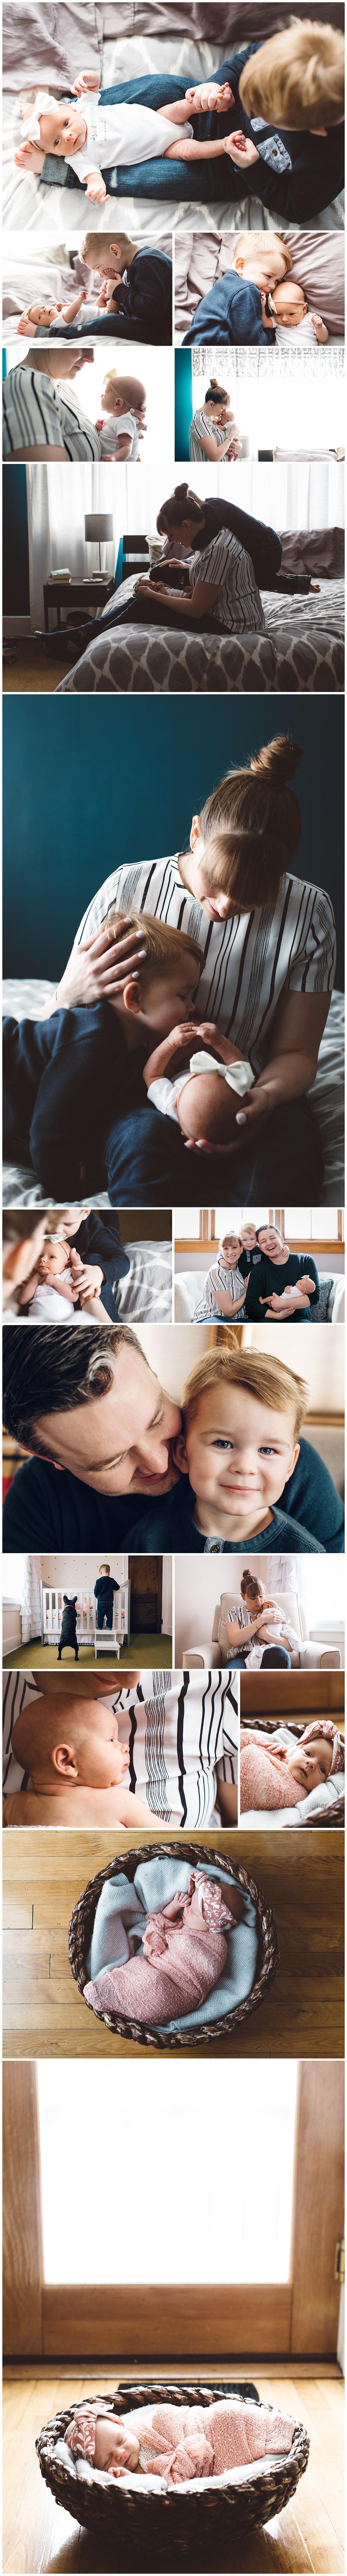 Inkling Pictures Emmeline Newborn Blog.jpg